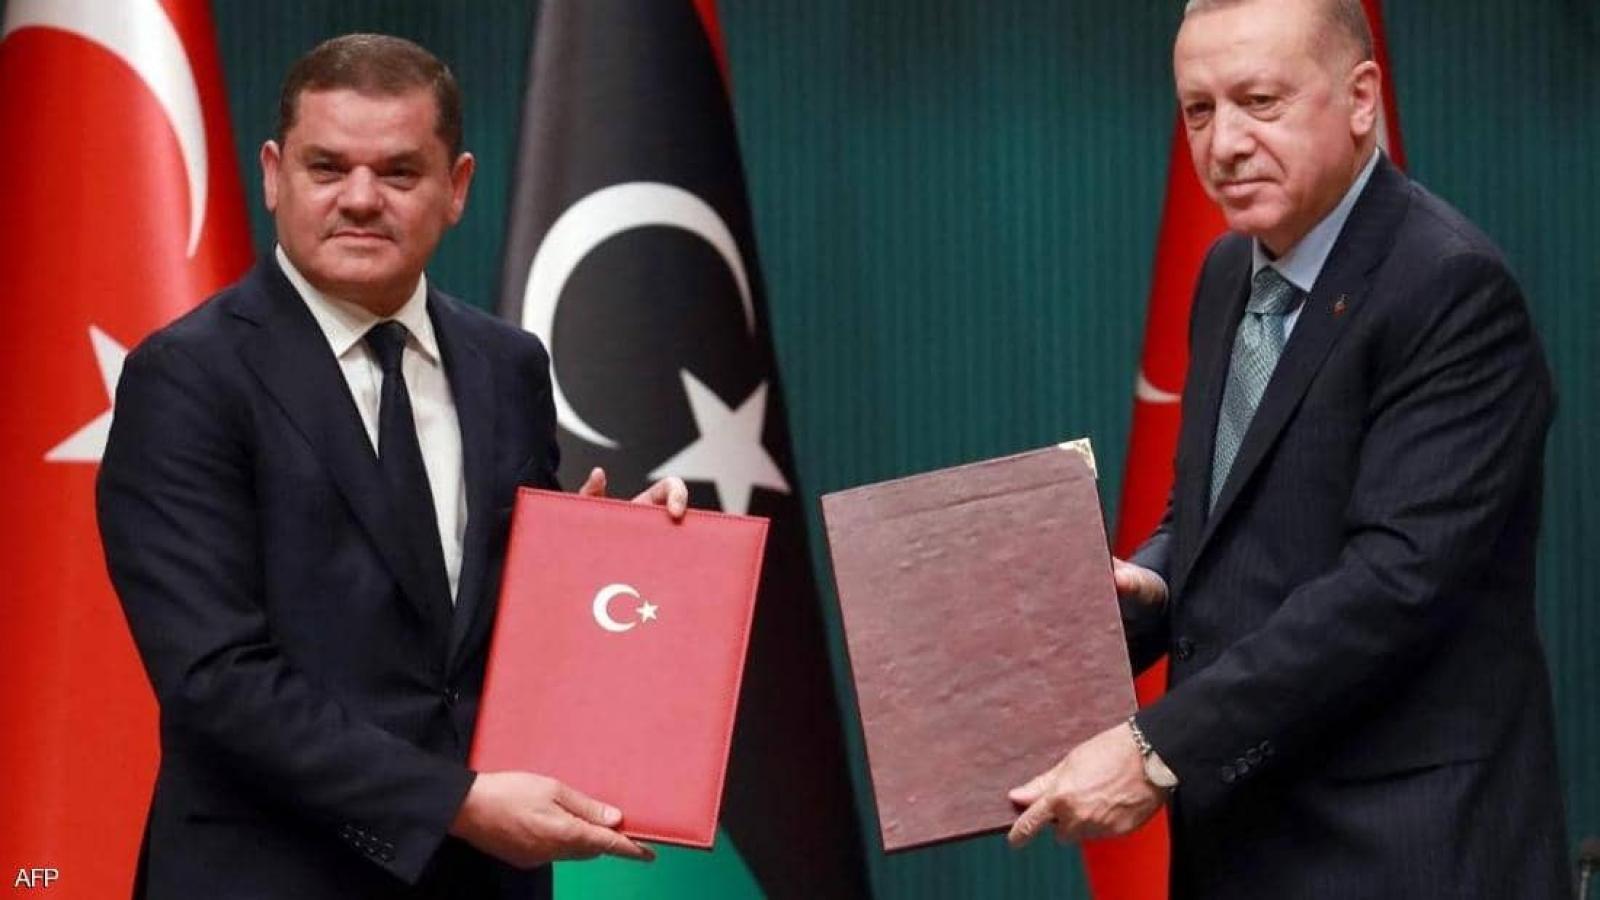 Thổ Nhĩ Kỳ và Libya ký một loạt thỏa thuận hợp tác chiến lược